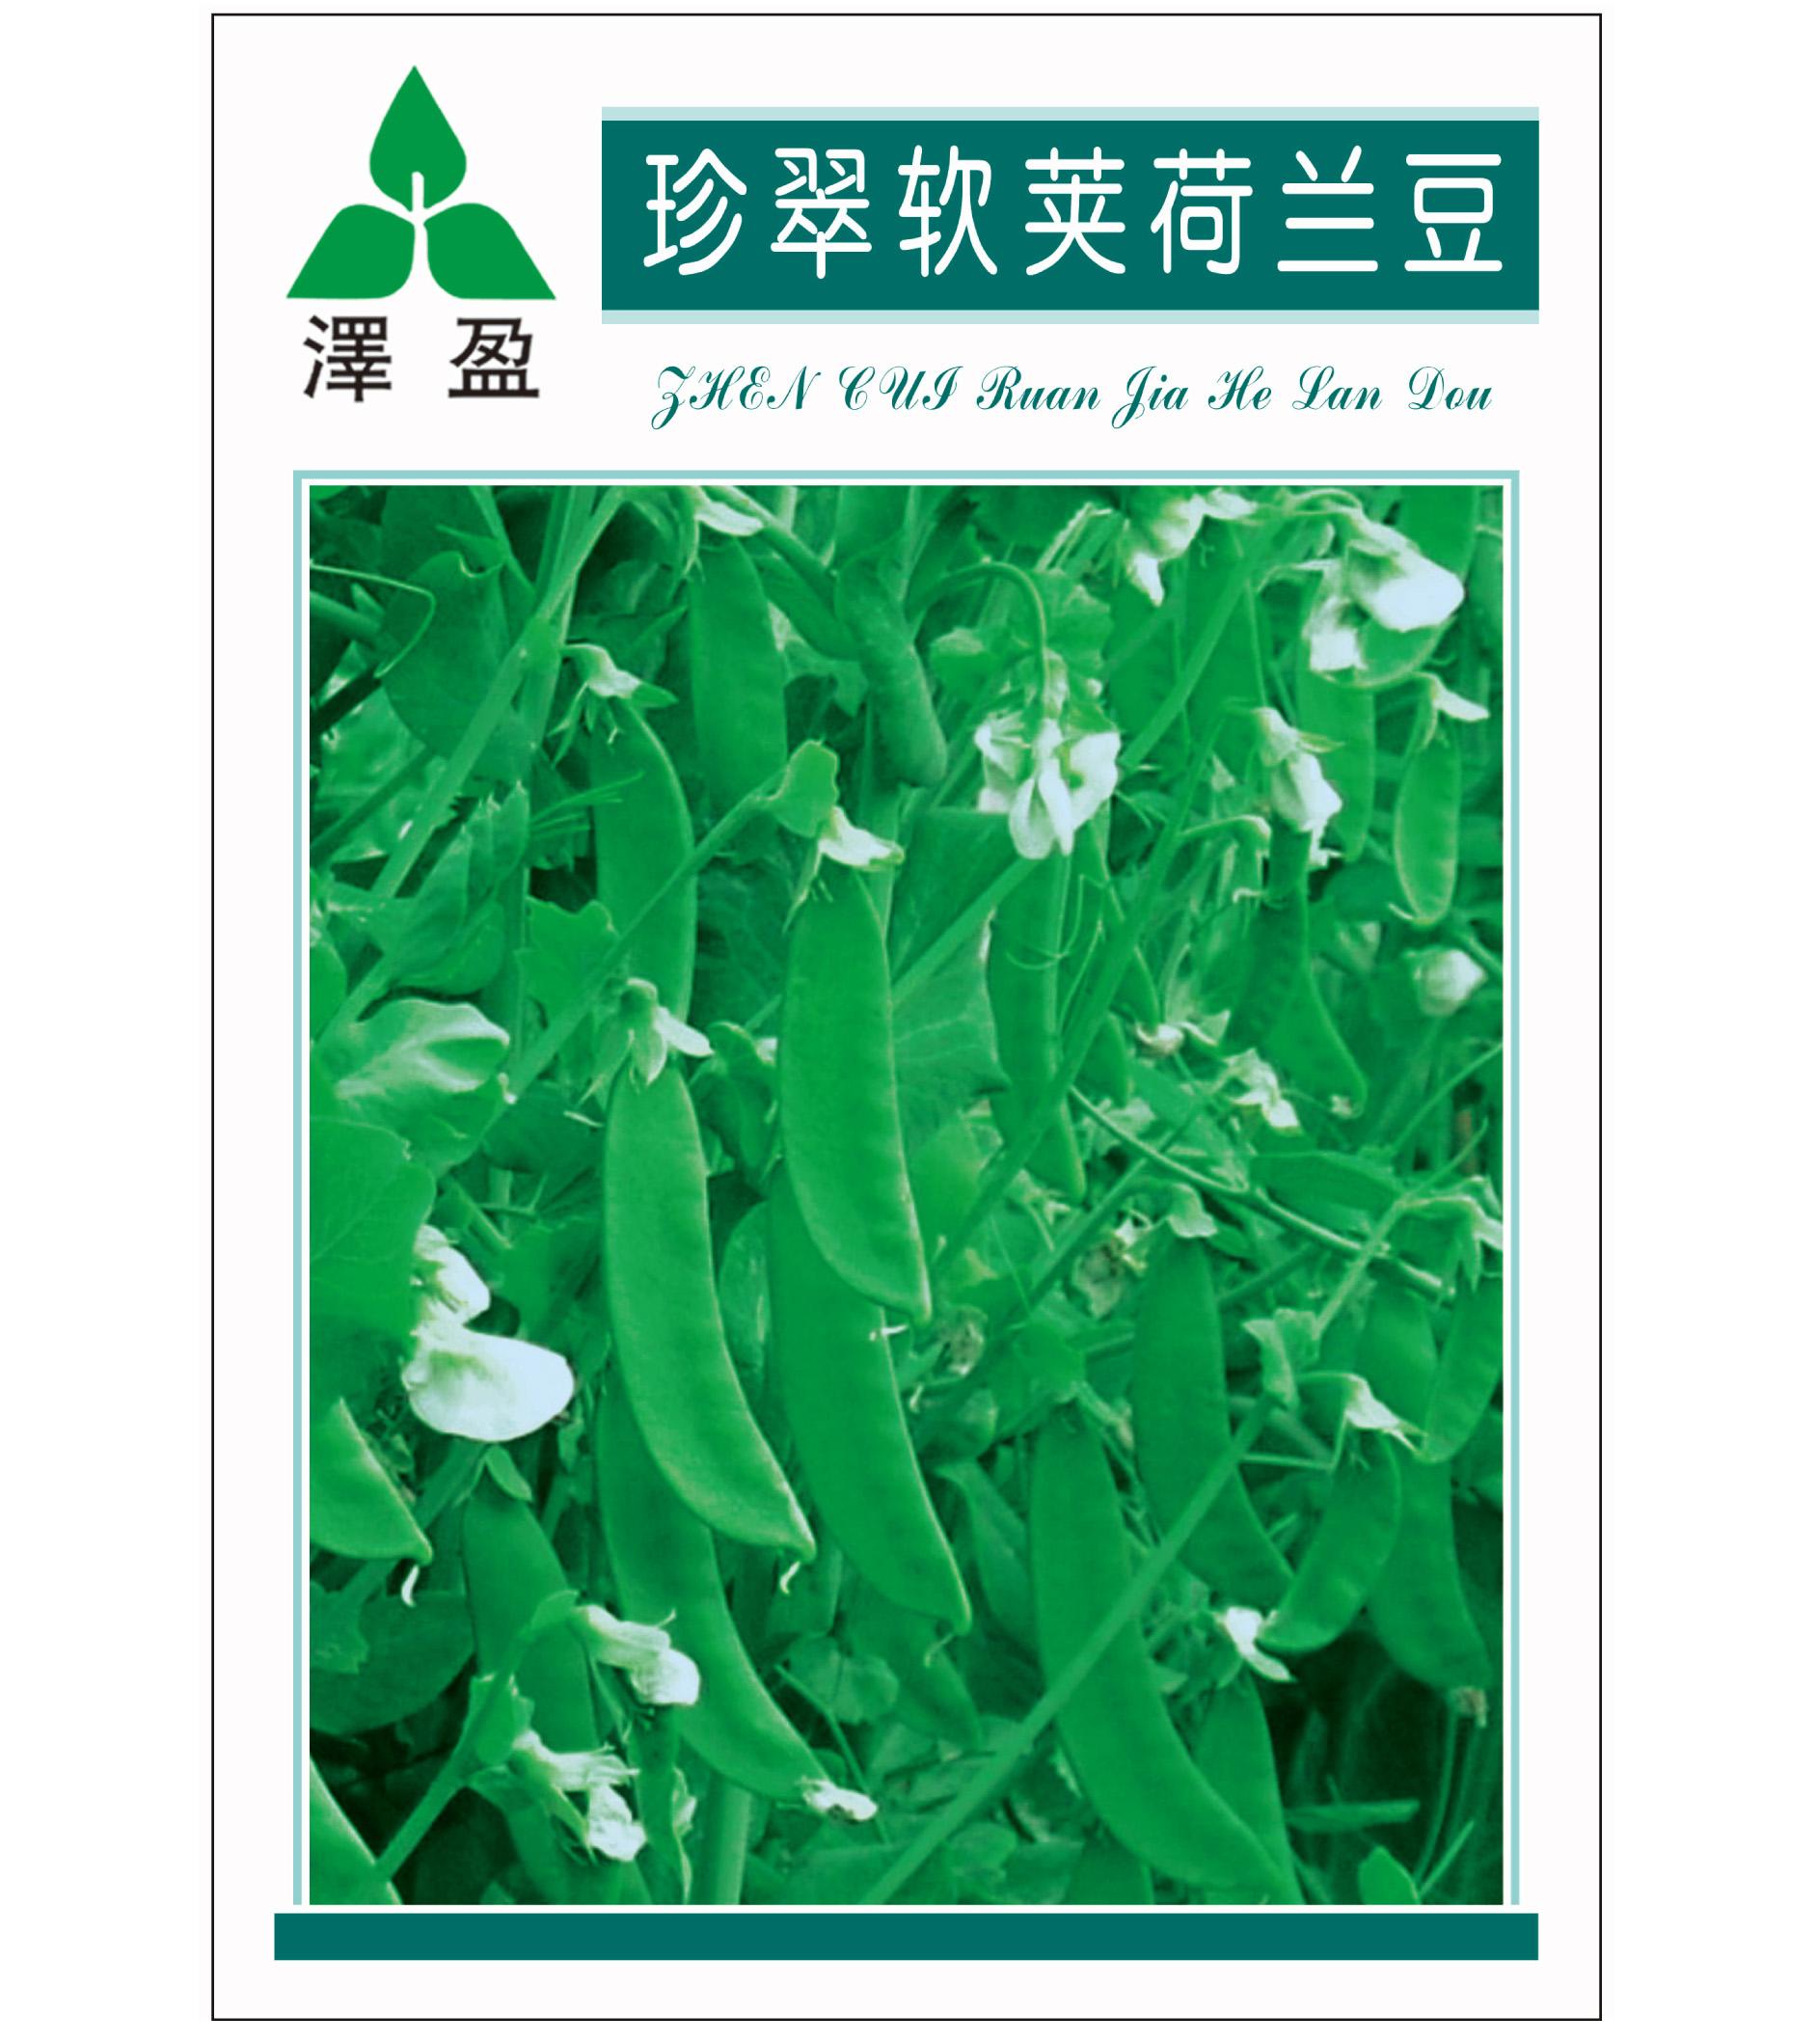 珍翠软荚荷兰豆450g